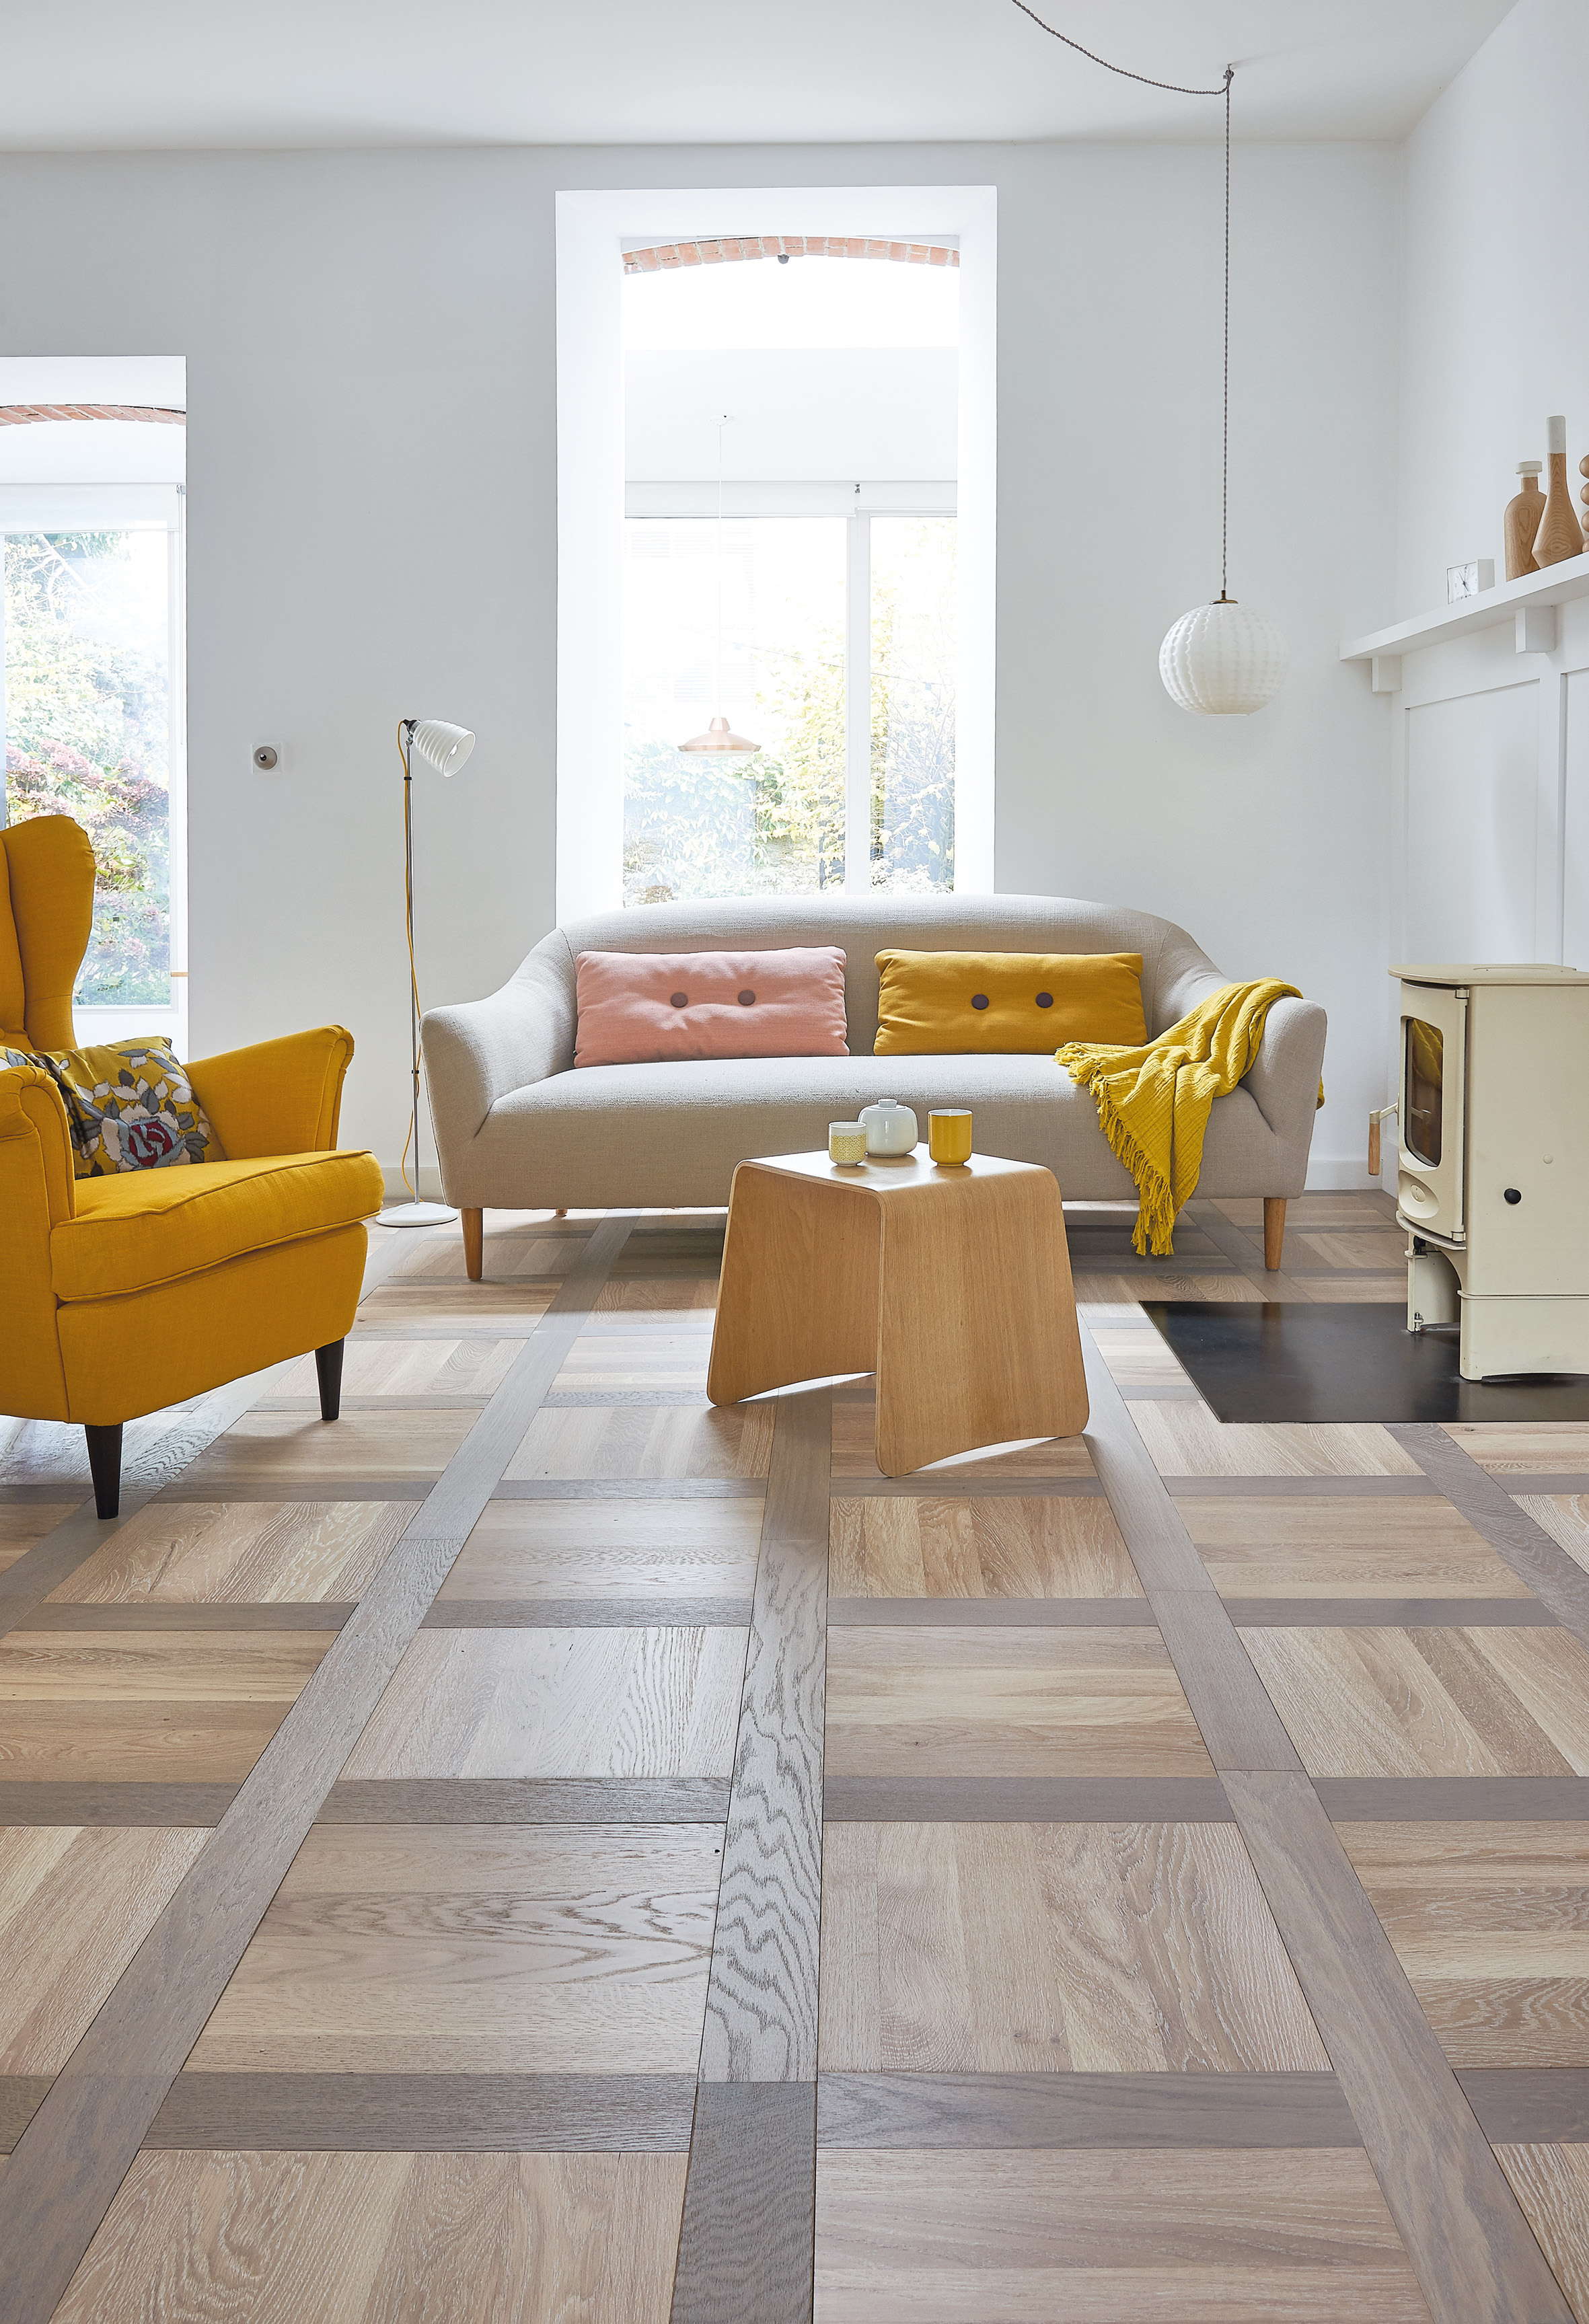 parquet ch ne tradition tufeau huile grise pixel parquet contrecoll. Black Bedroom Furniture Sets. Home Design Ideas